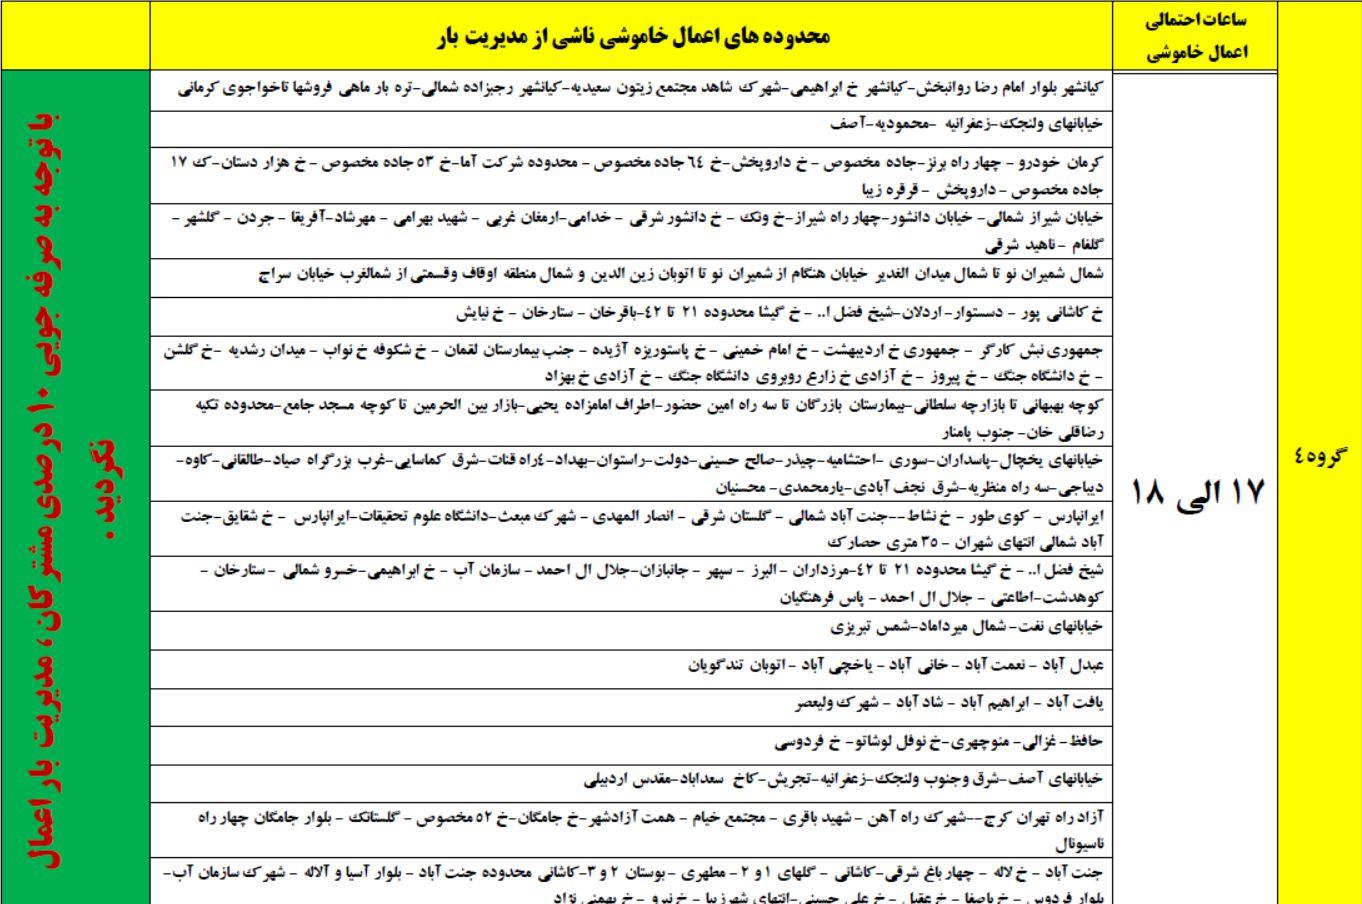 برنامه زمانبندی خاموشی در تهران